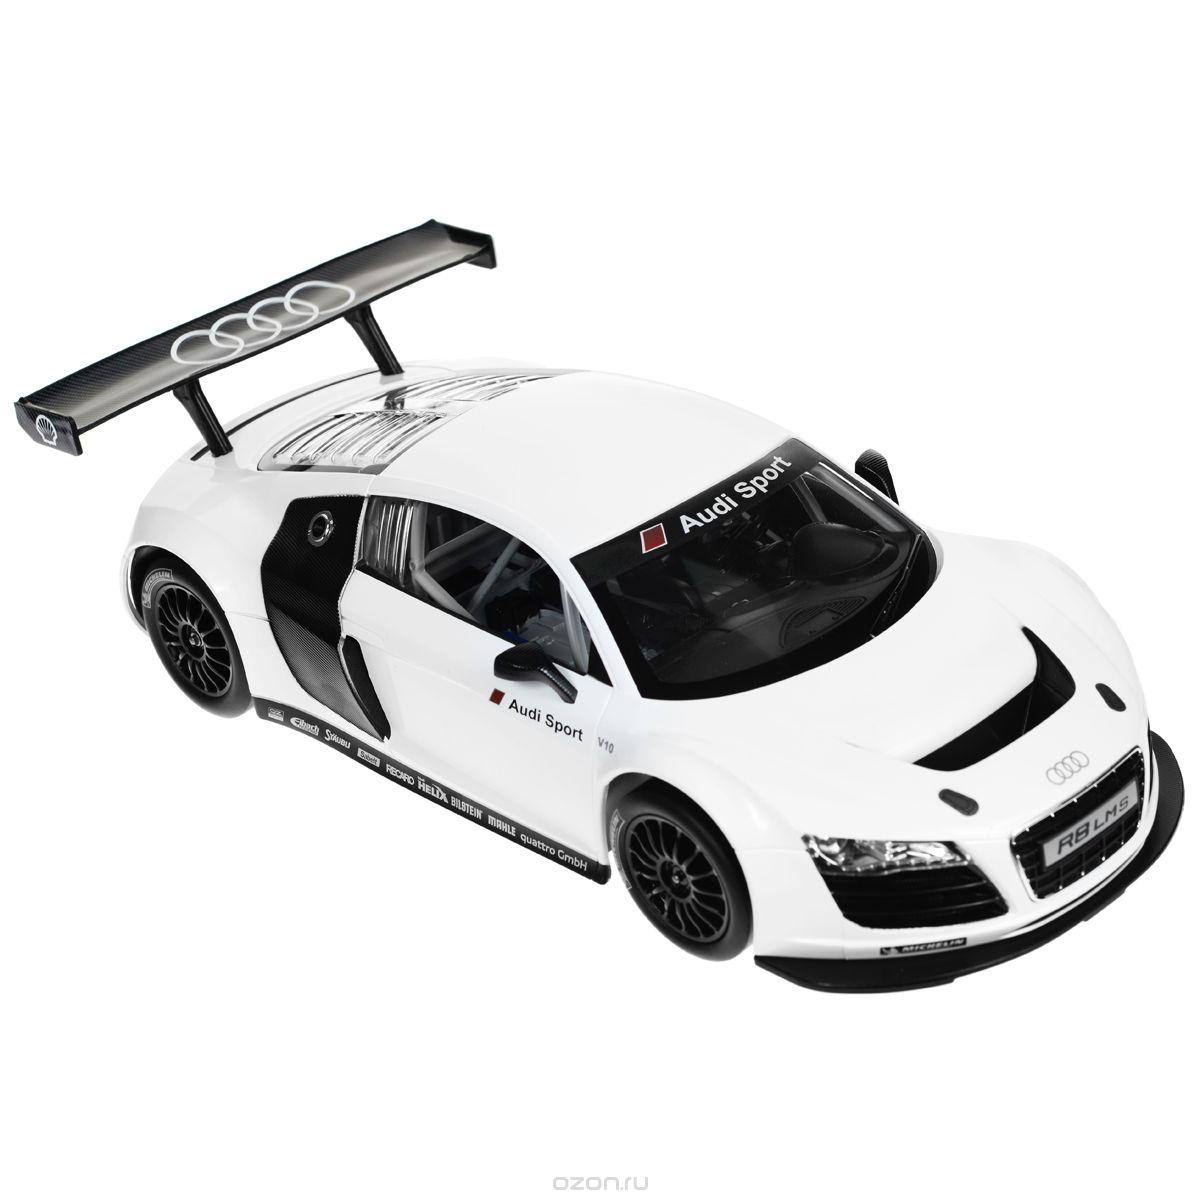 Rastar Радиоуправляемая модель Audi R8 LMS цвет белый масштаб 1:14 машина на радиоуправлении rastar audi q7 1 24